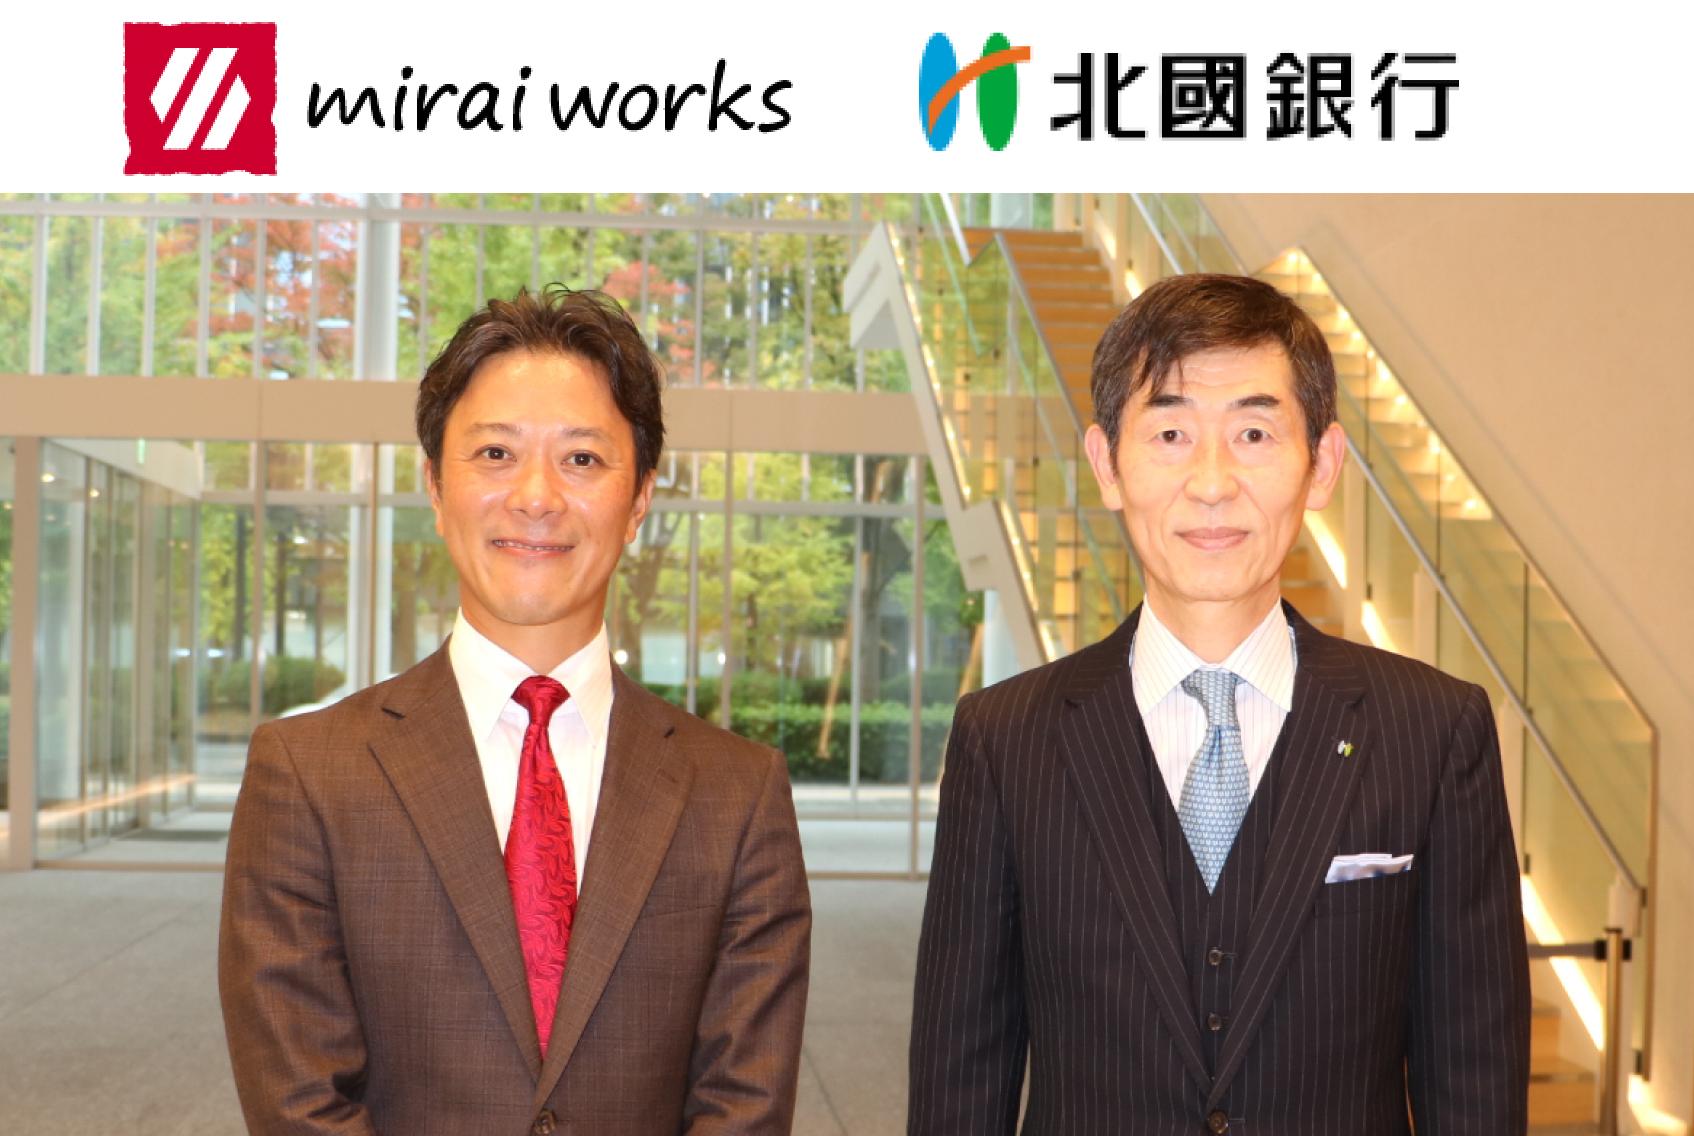 みらいワークス、北國銀行と業務提携|株式会社みらいワークスのプレス ...